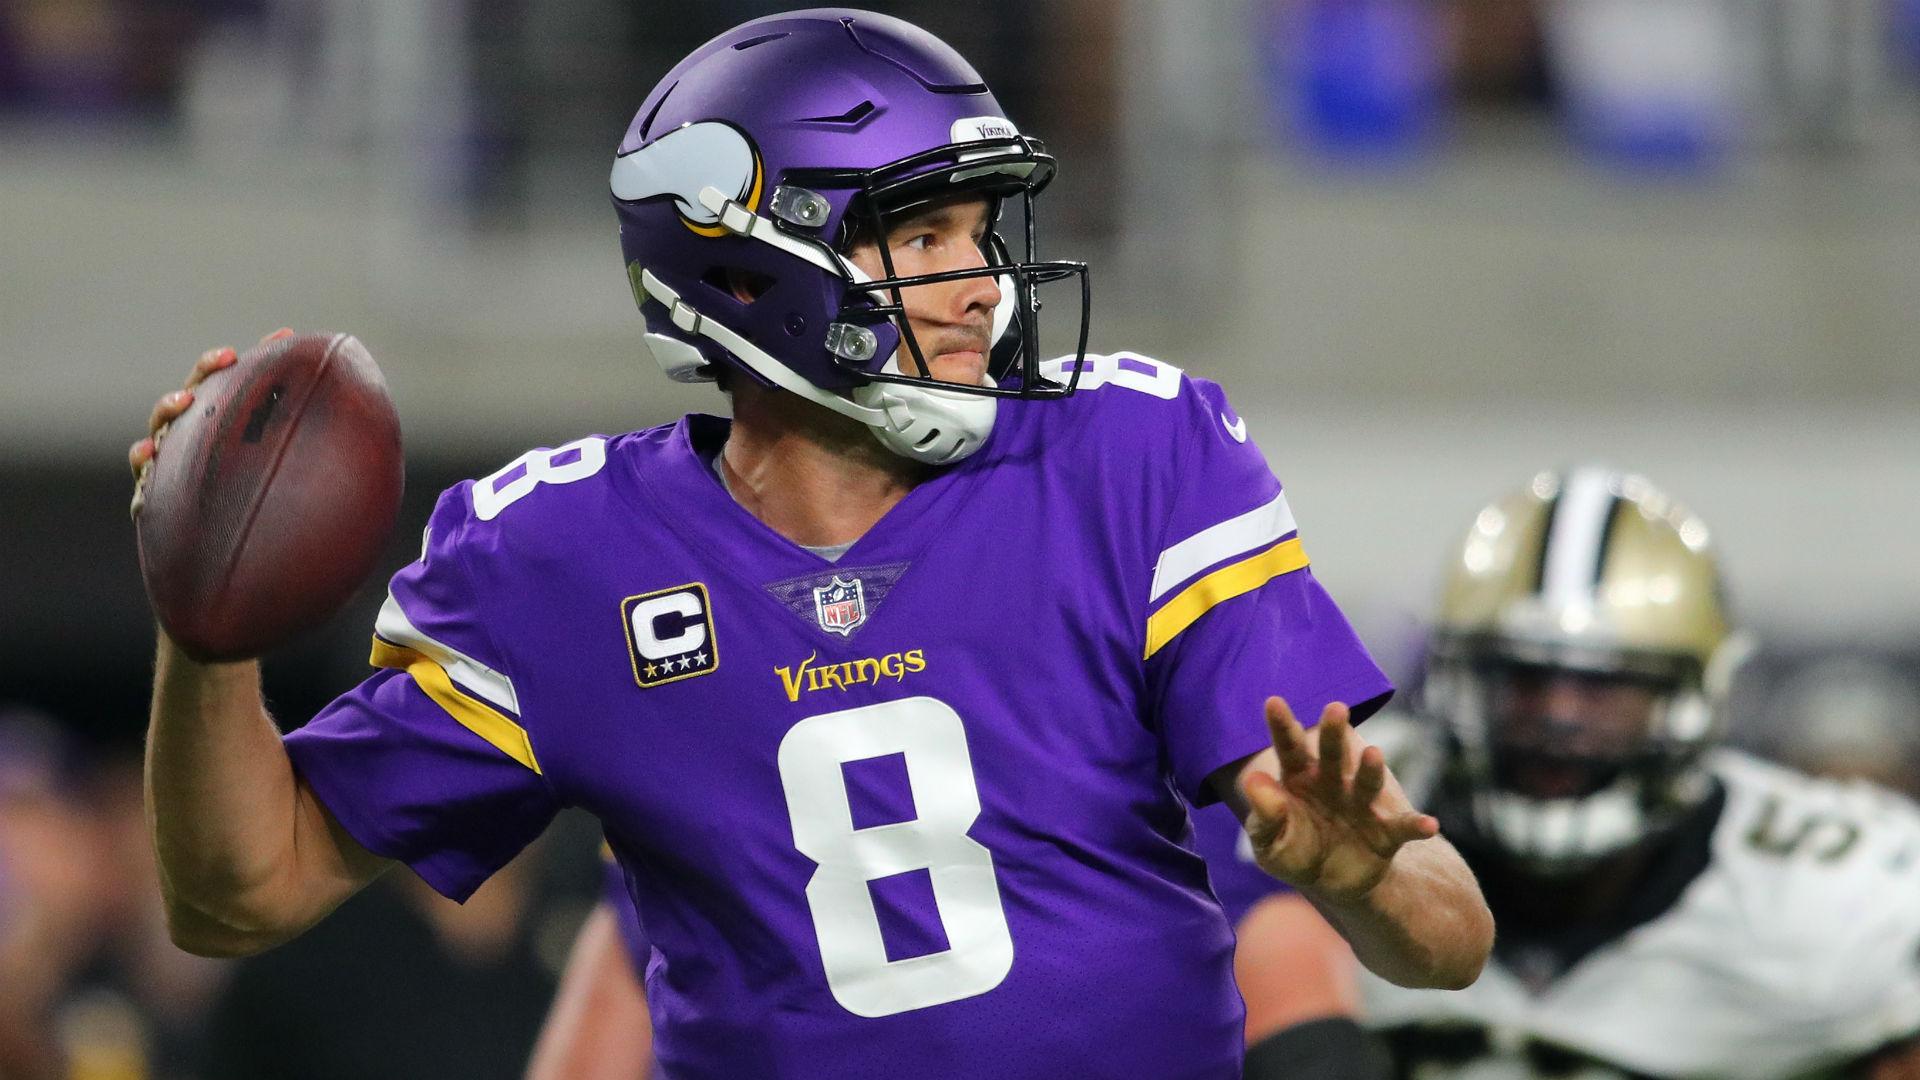 Vikings' Mike Zimmer: Sam Bradford aggravated knee injury